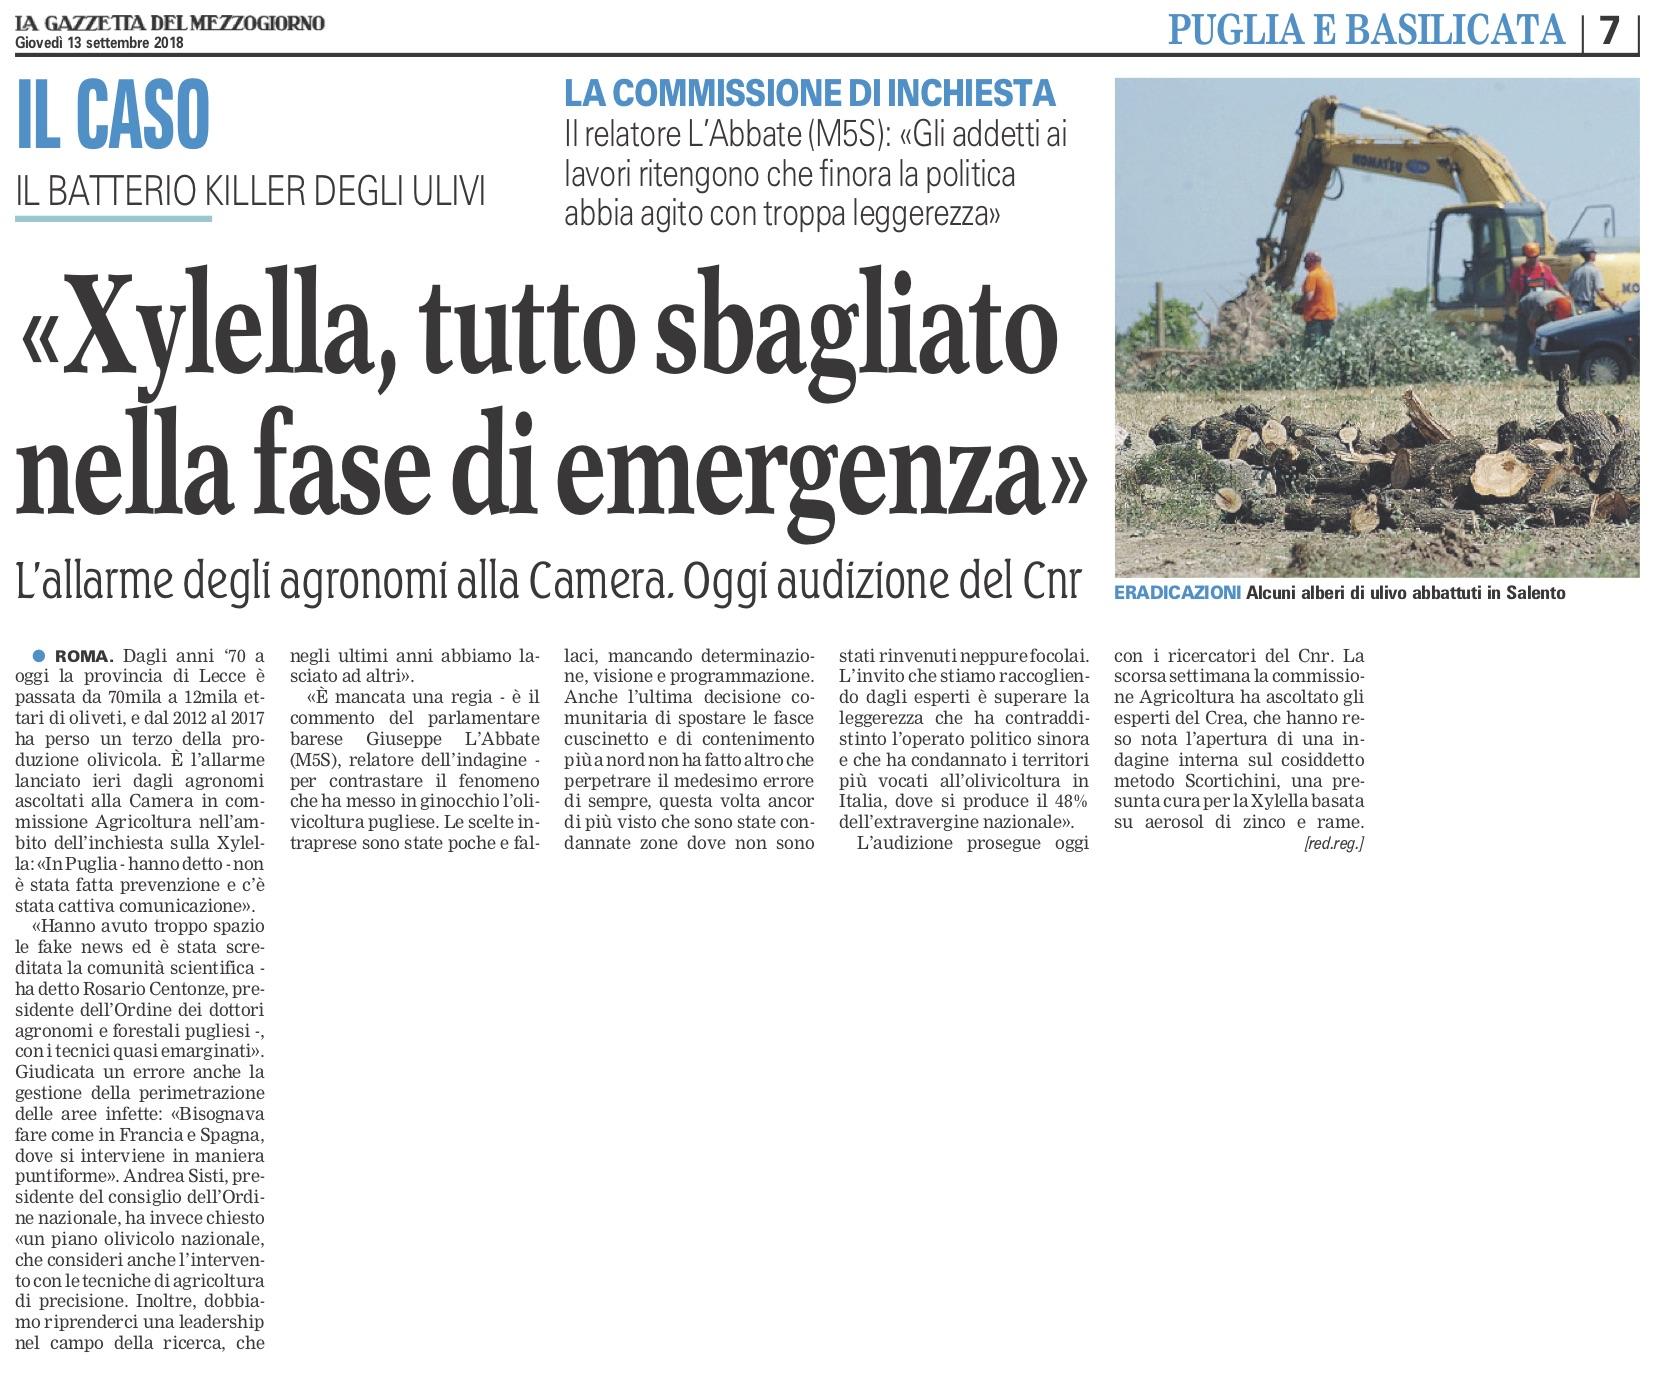 La Gazzetta del Mezzogiorno - 13.09.2018